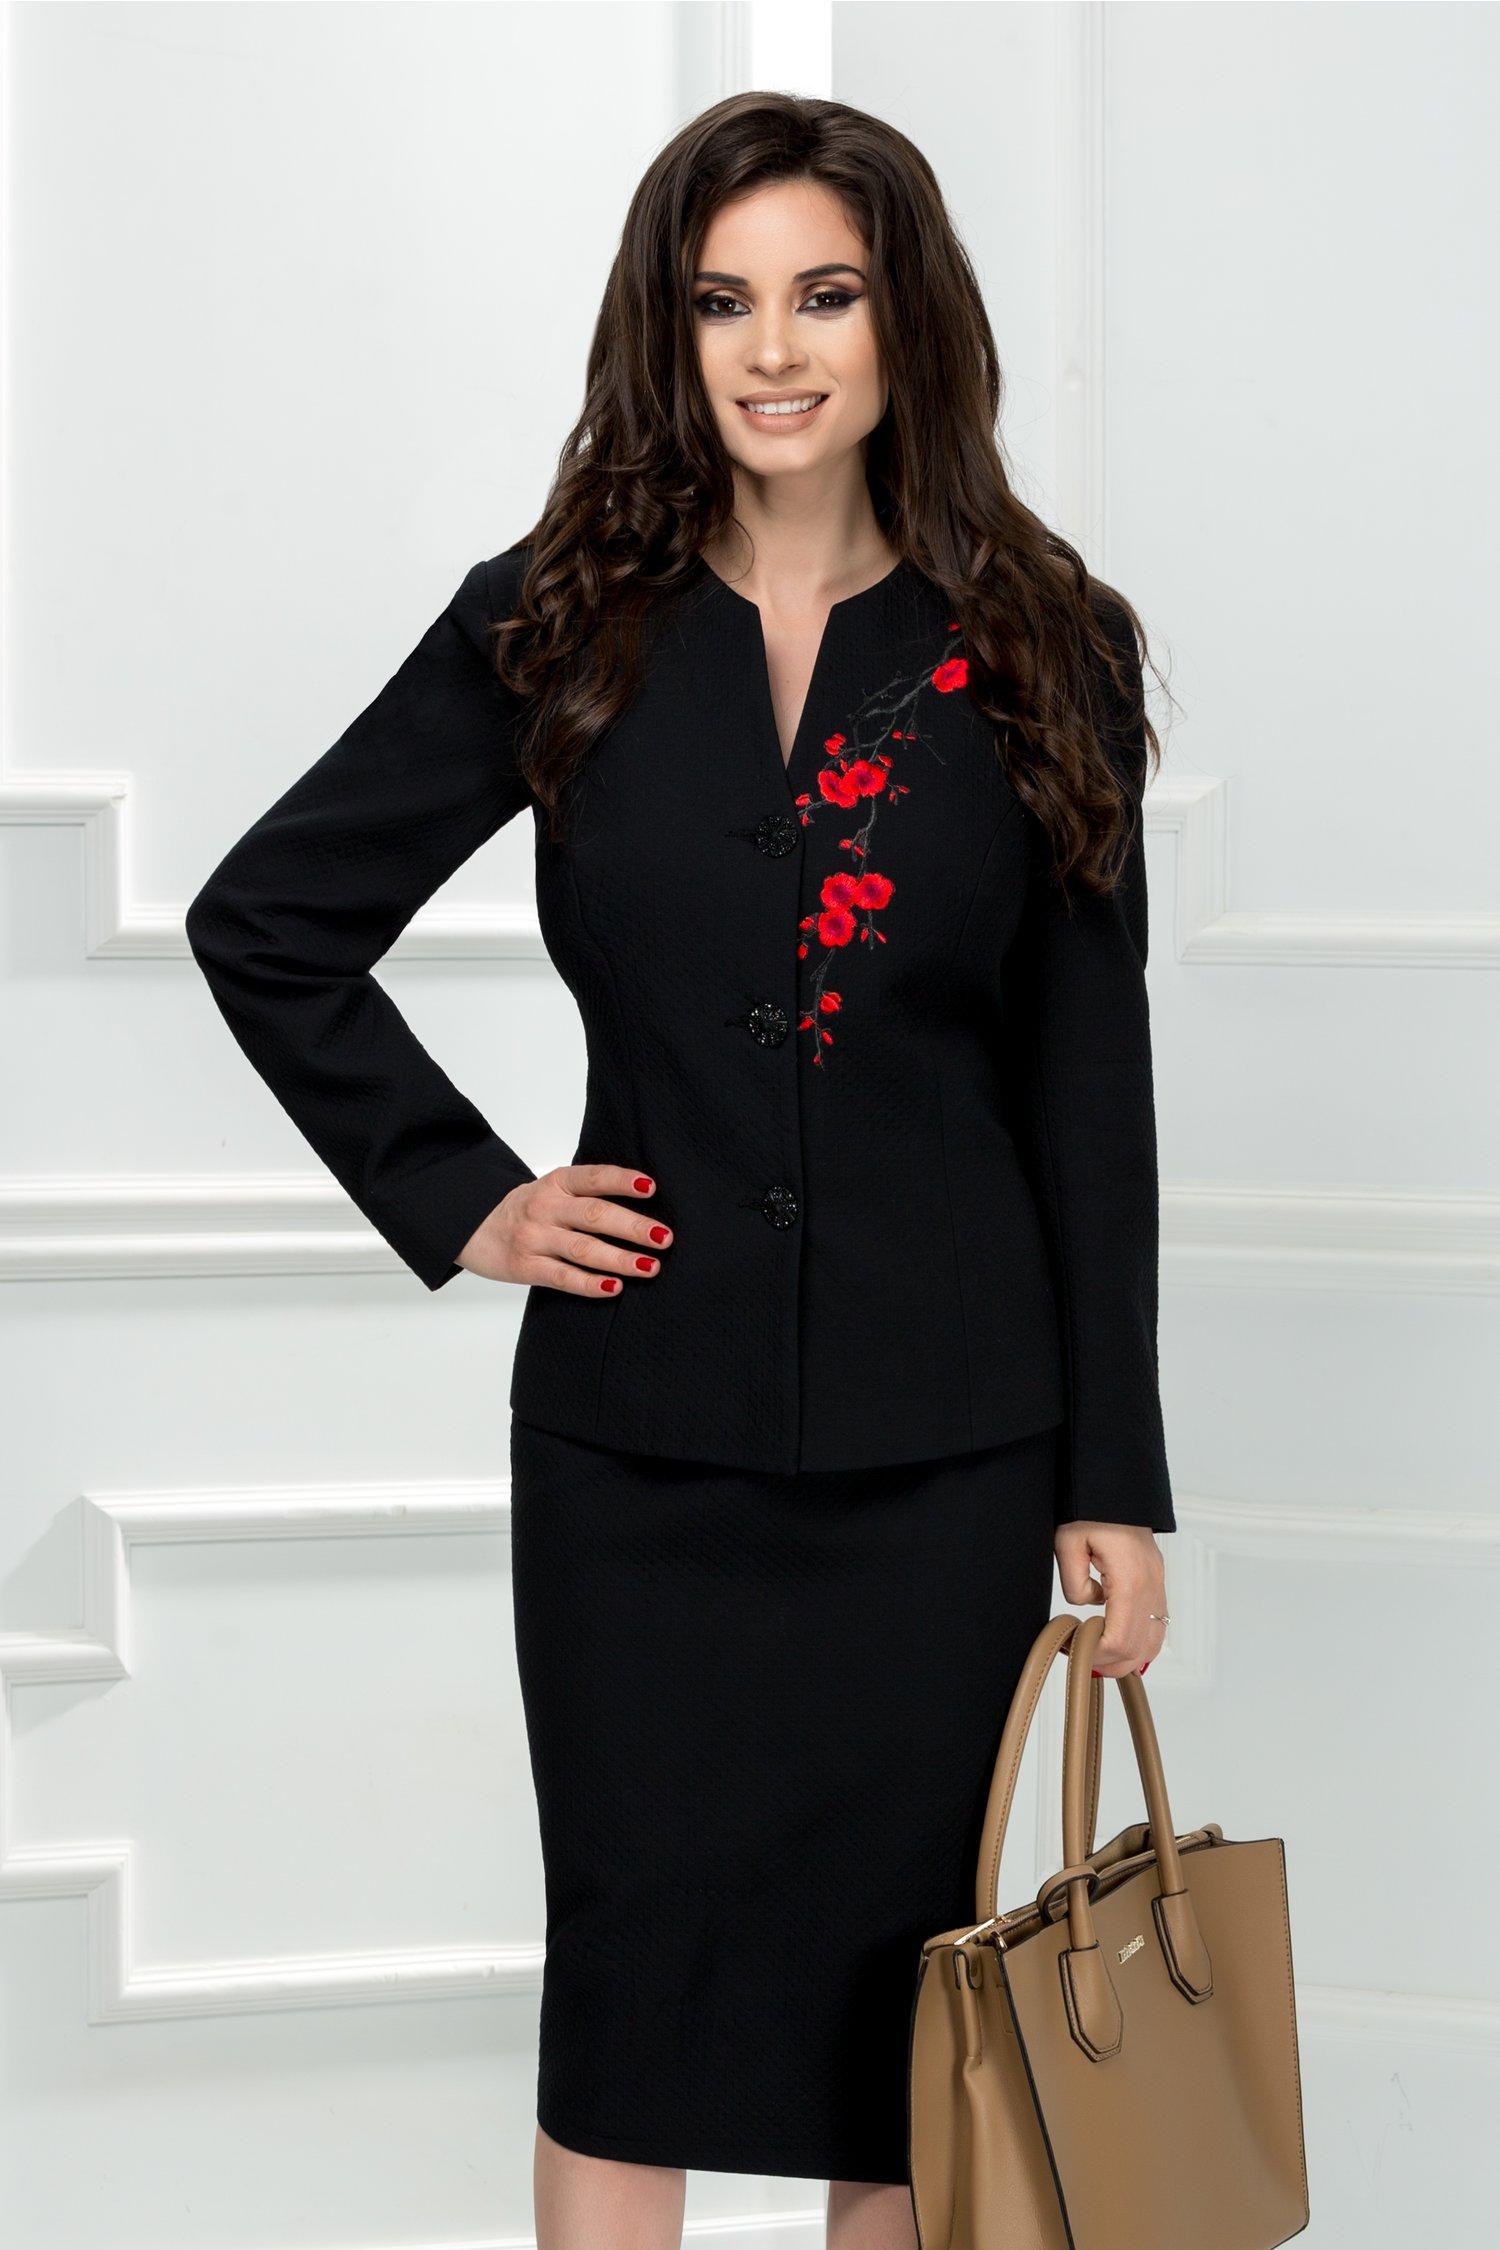 Compleu dama negru office cu broderie rosie